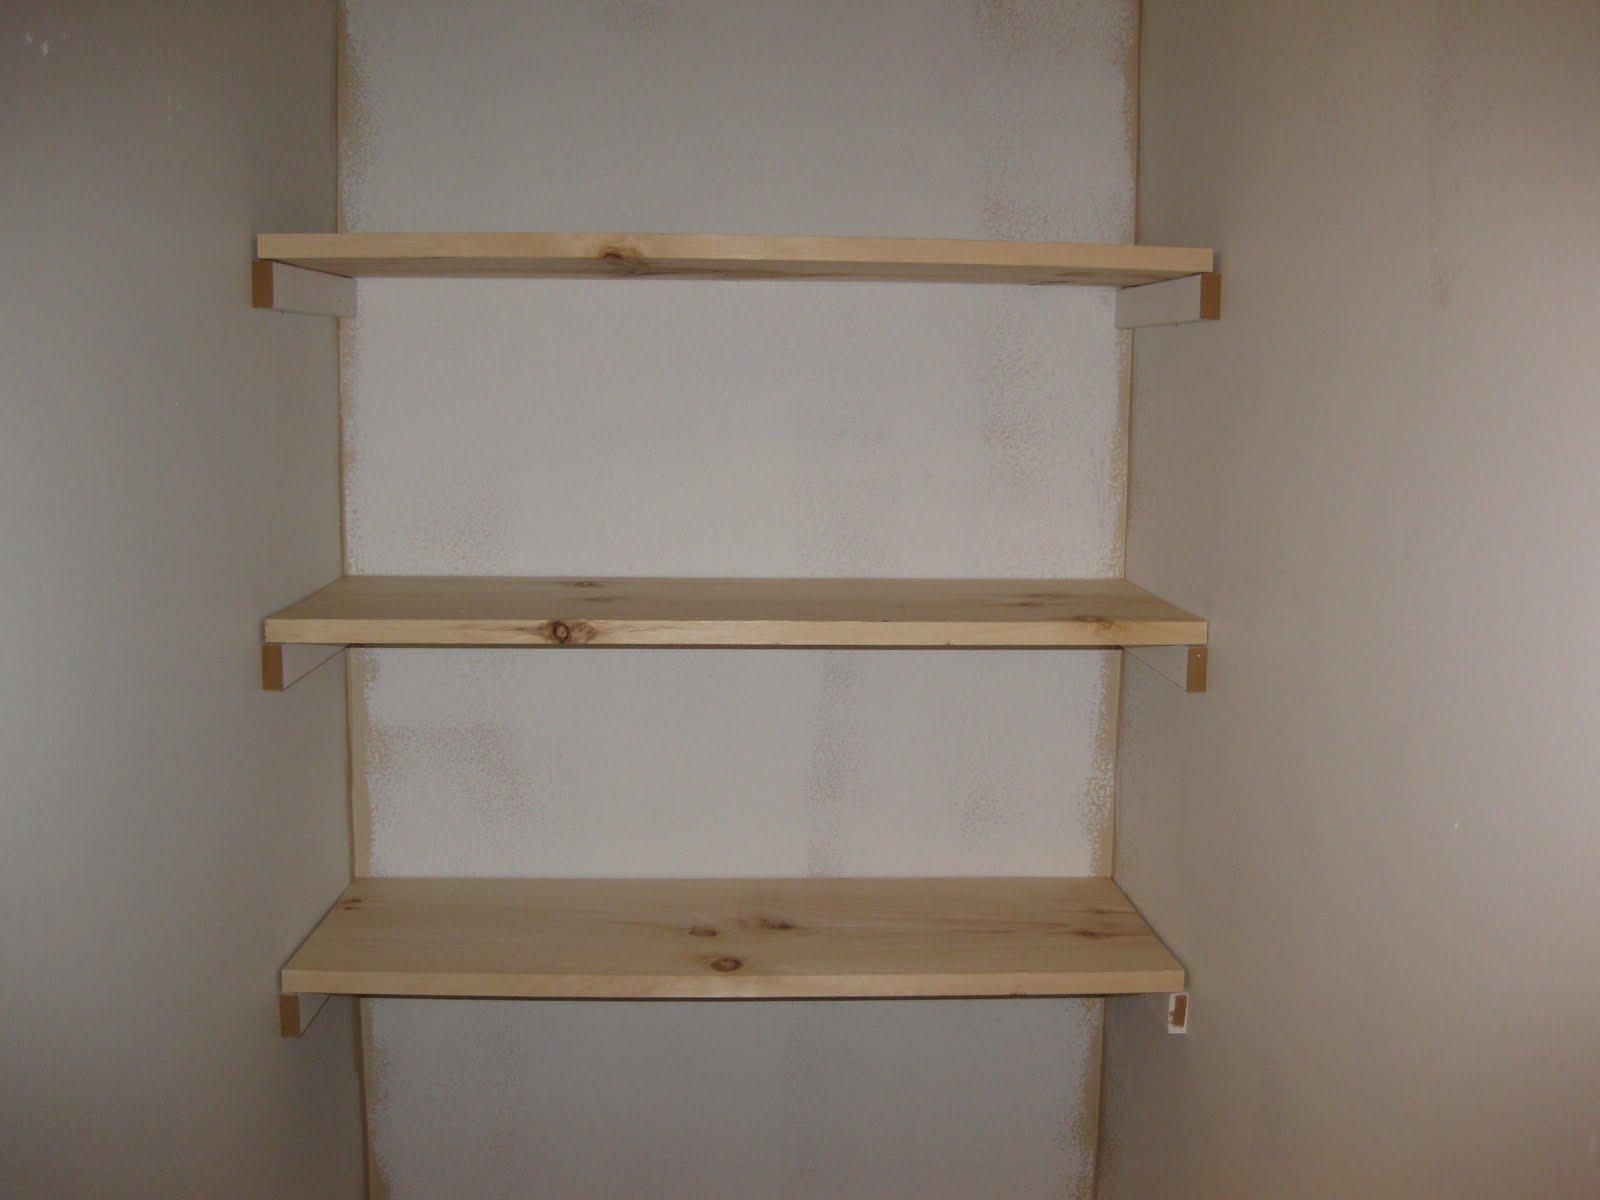 bookshelf build to y g s in how n a d shelves e closet i